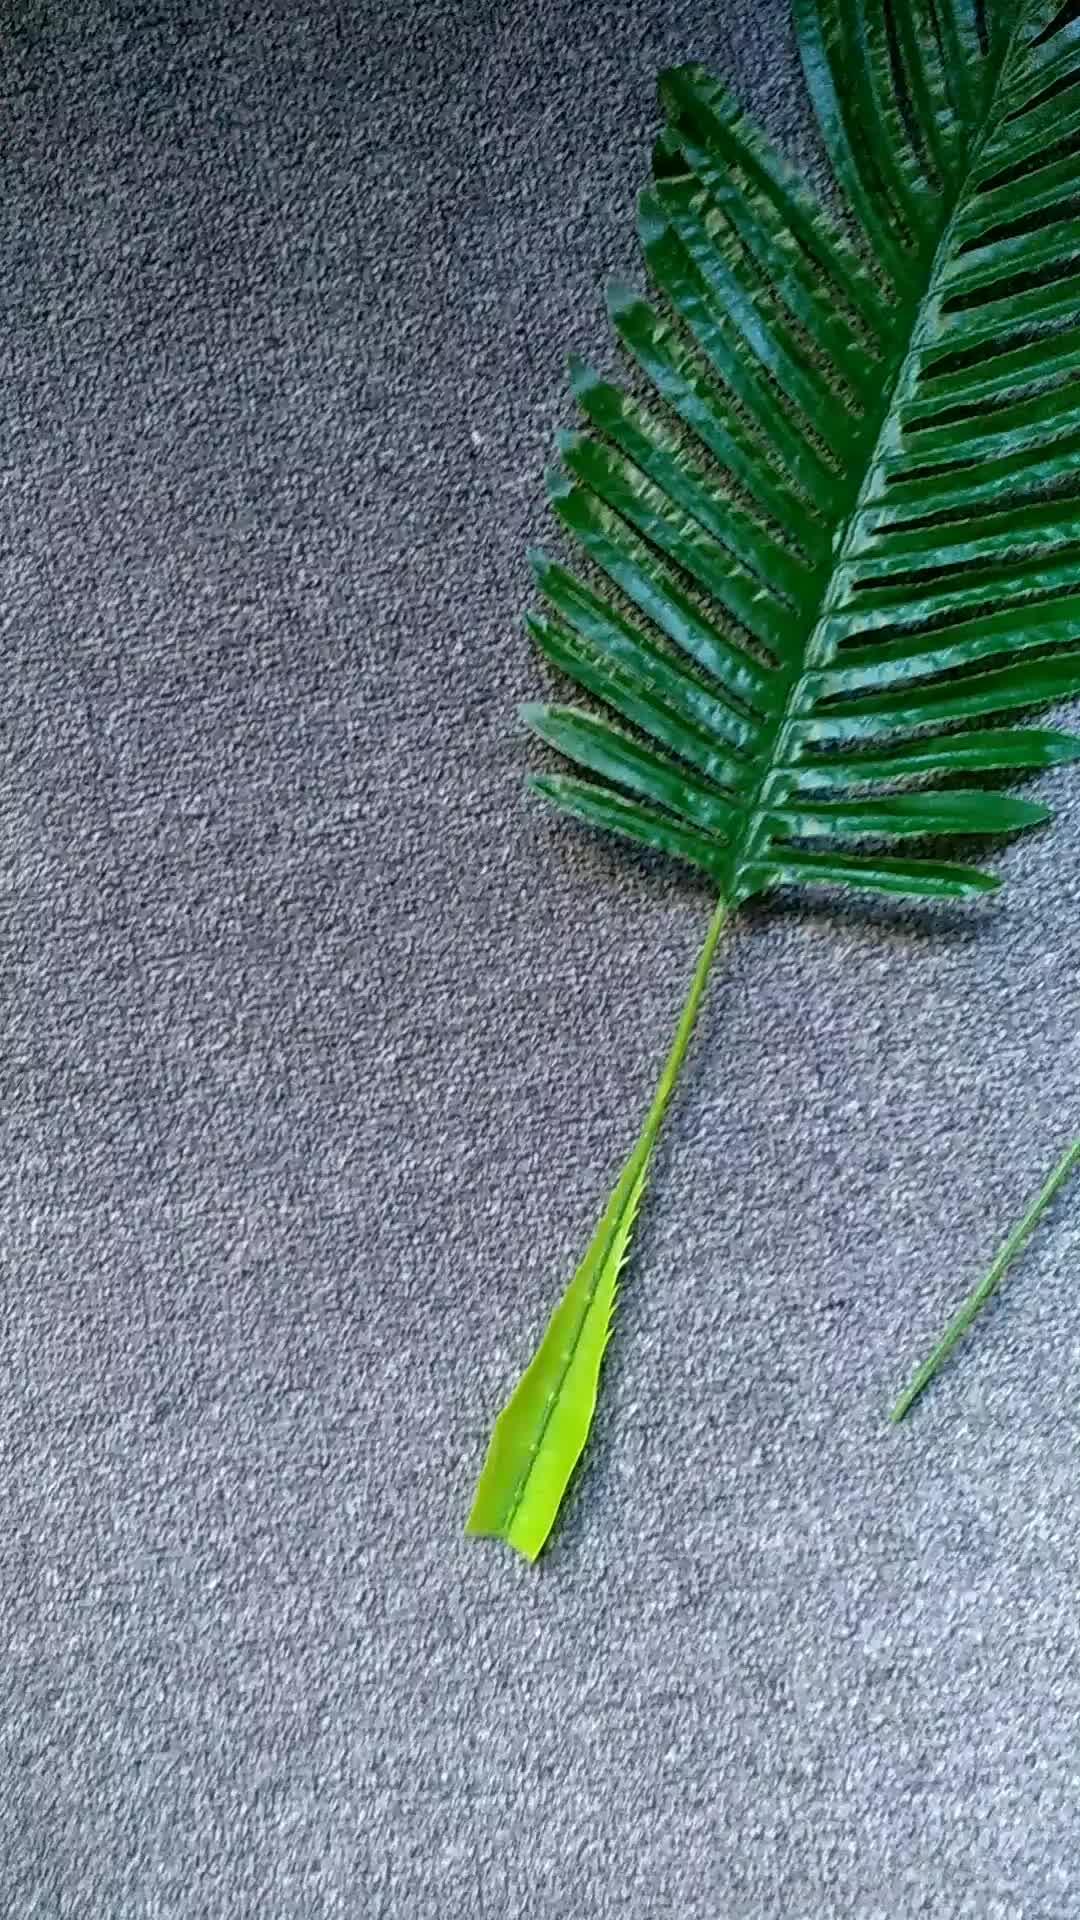 Commercio all'ingrosso Foglie Tropicali Coperta Singola Decorazione Verde piccola foglia singolo ramo di plastica foglia artificiale pianta decorativa